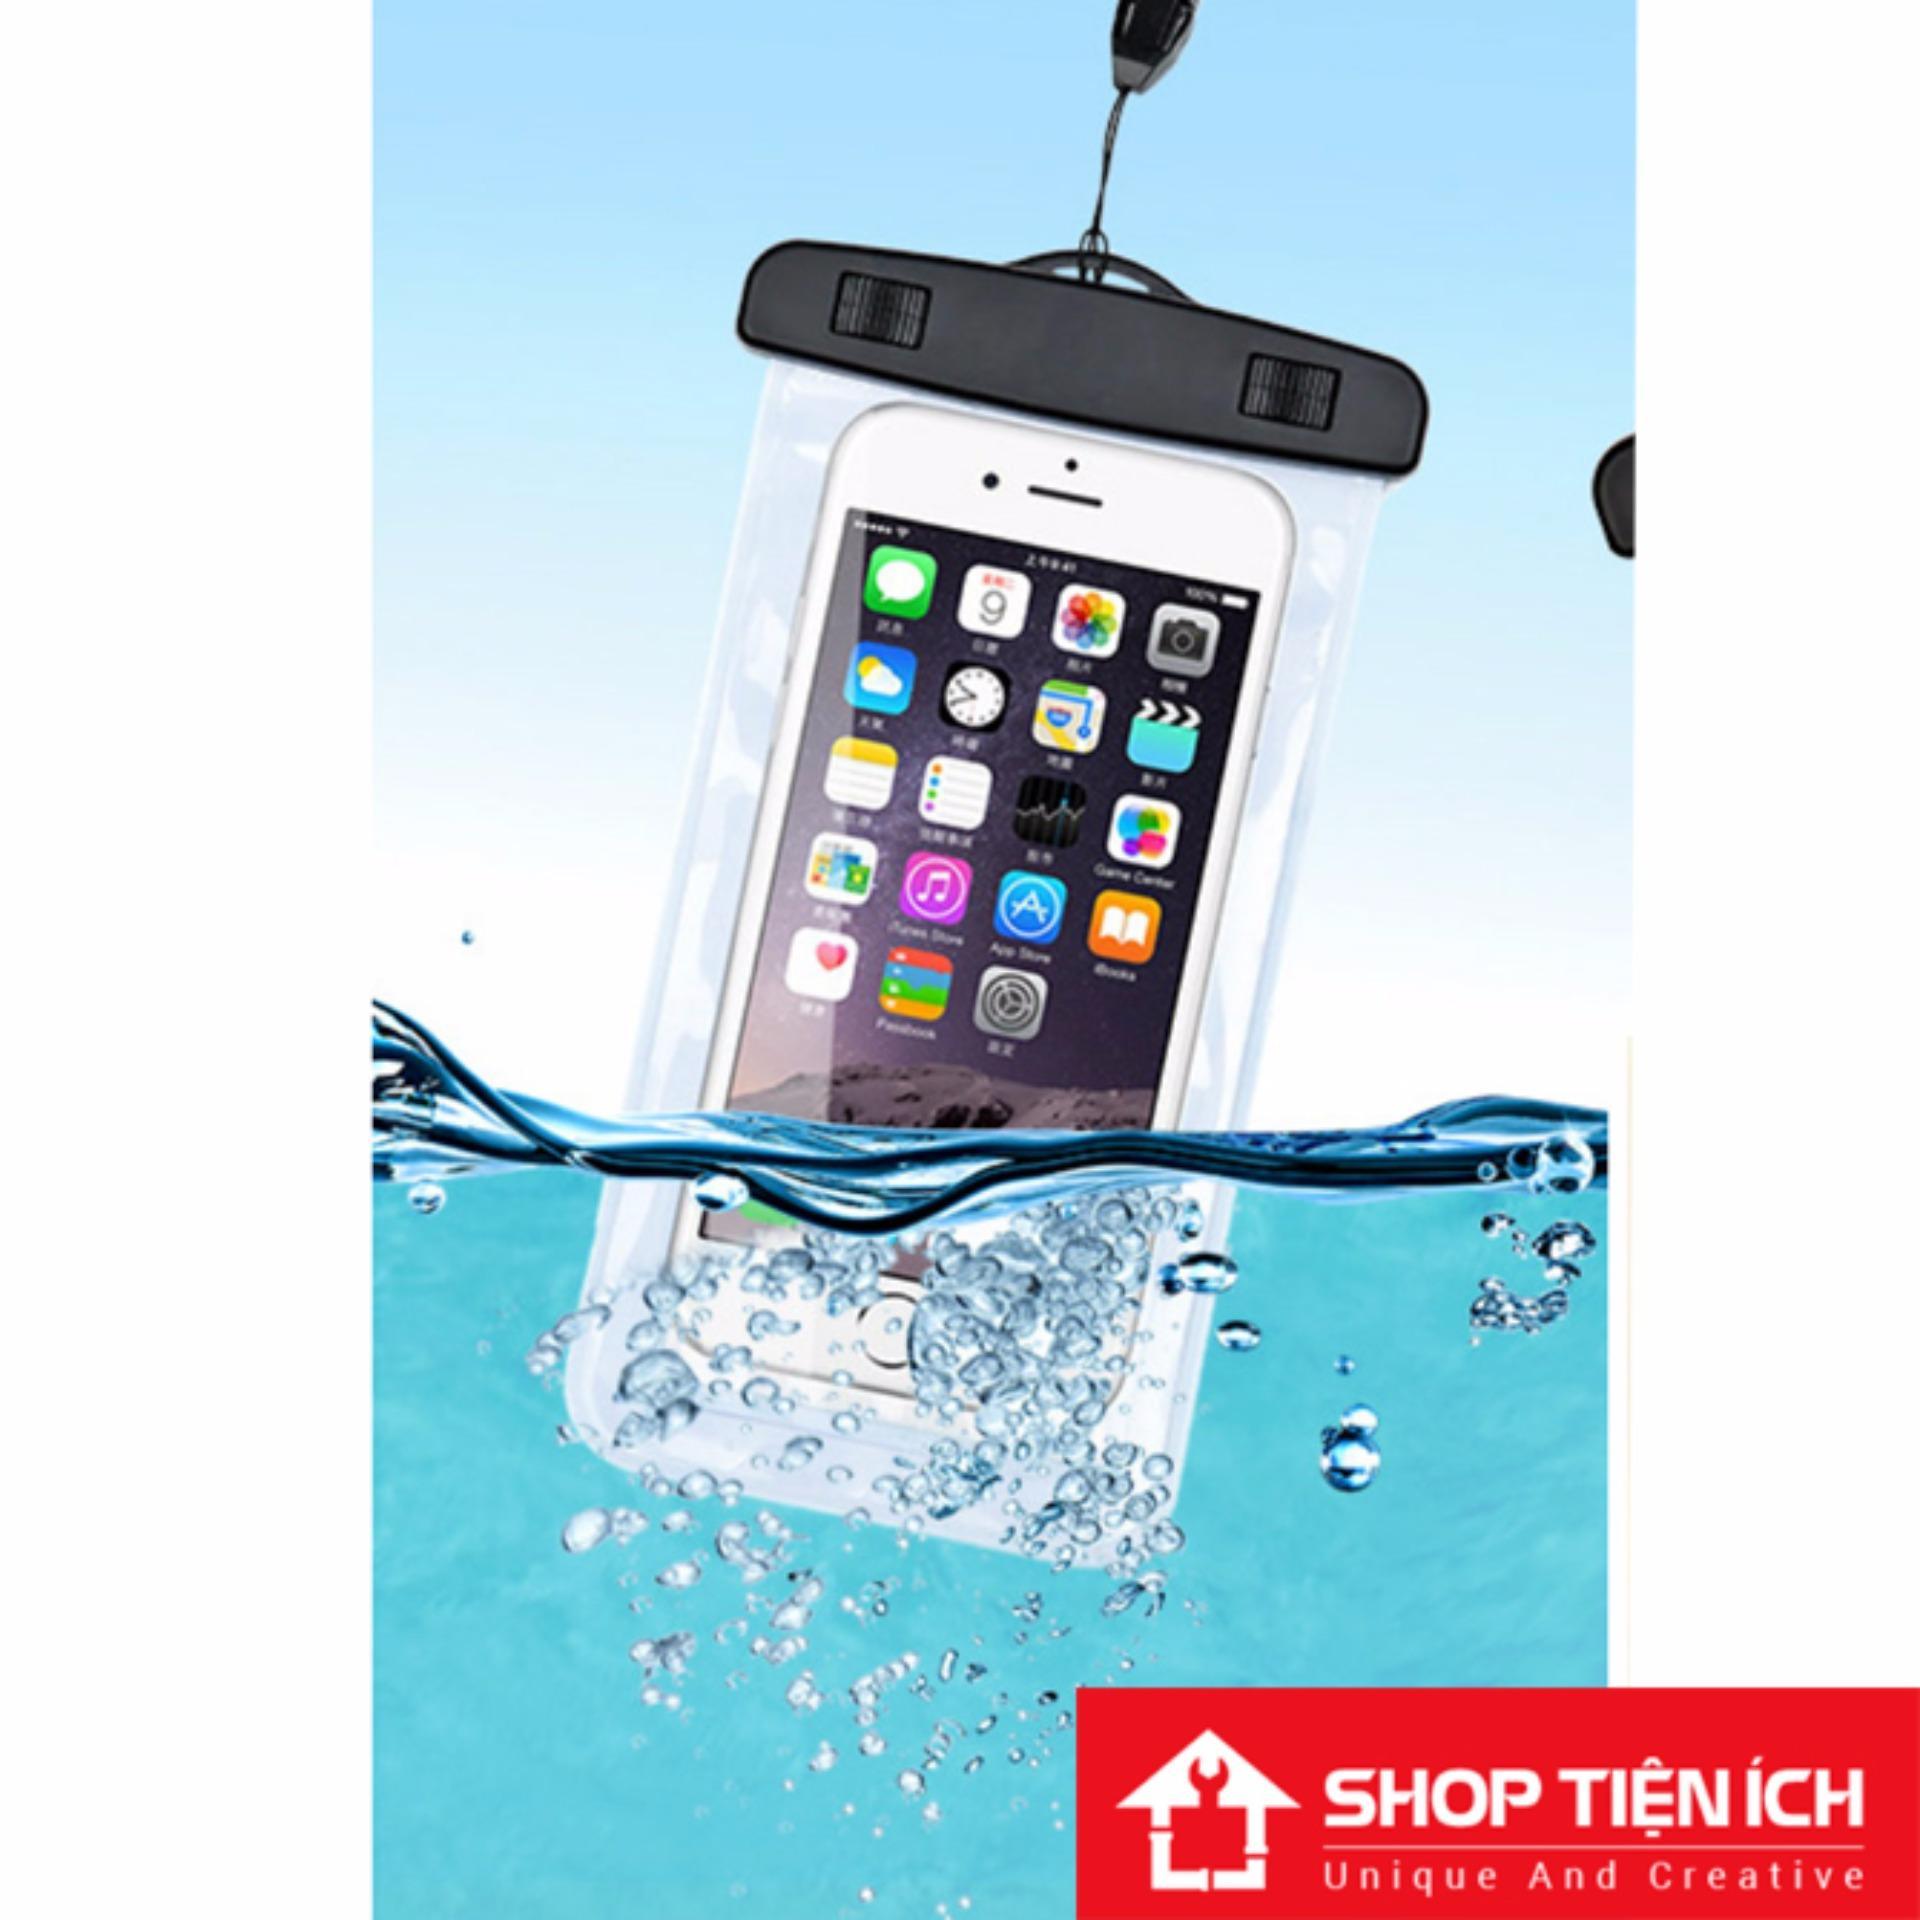 Túi chống nước an toàn cho điện thoại (Nhiều màu trong suốt 2 mặt)